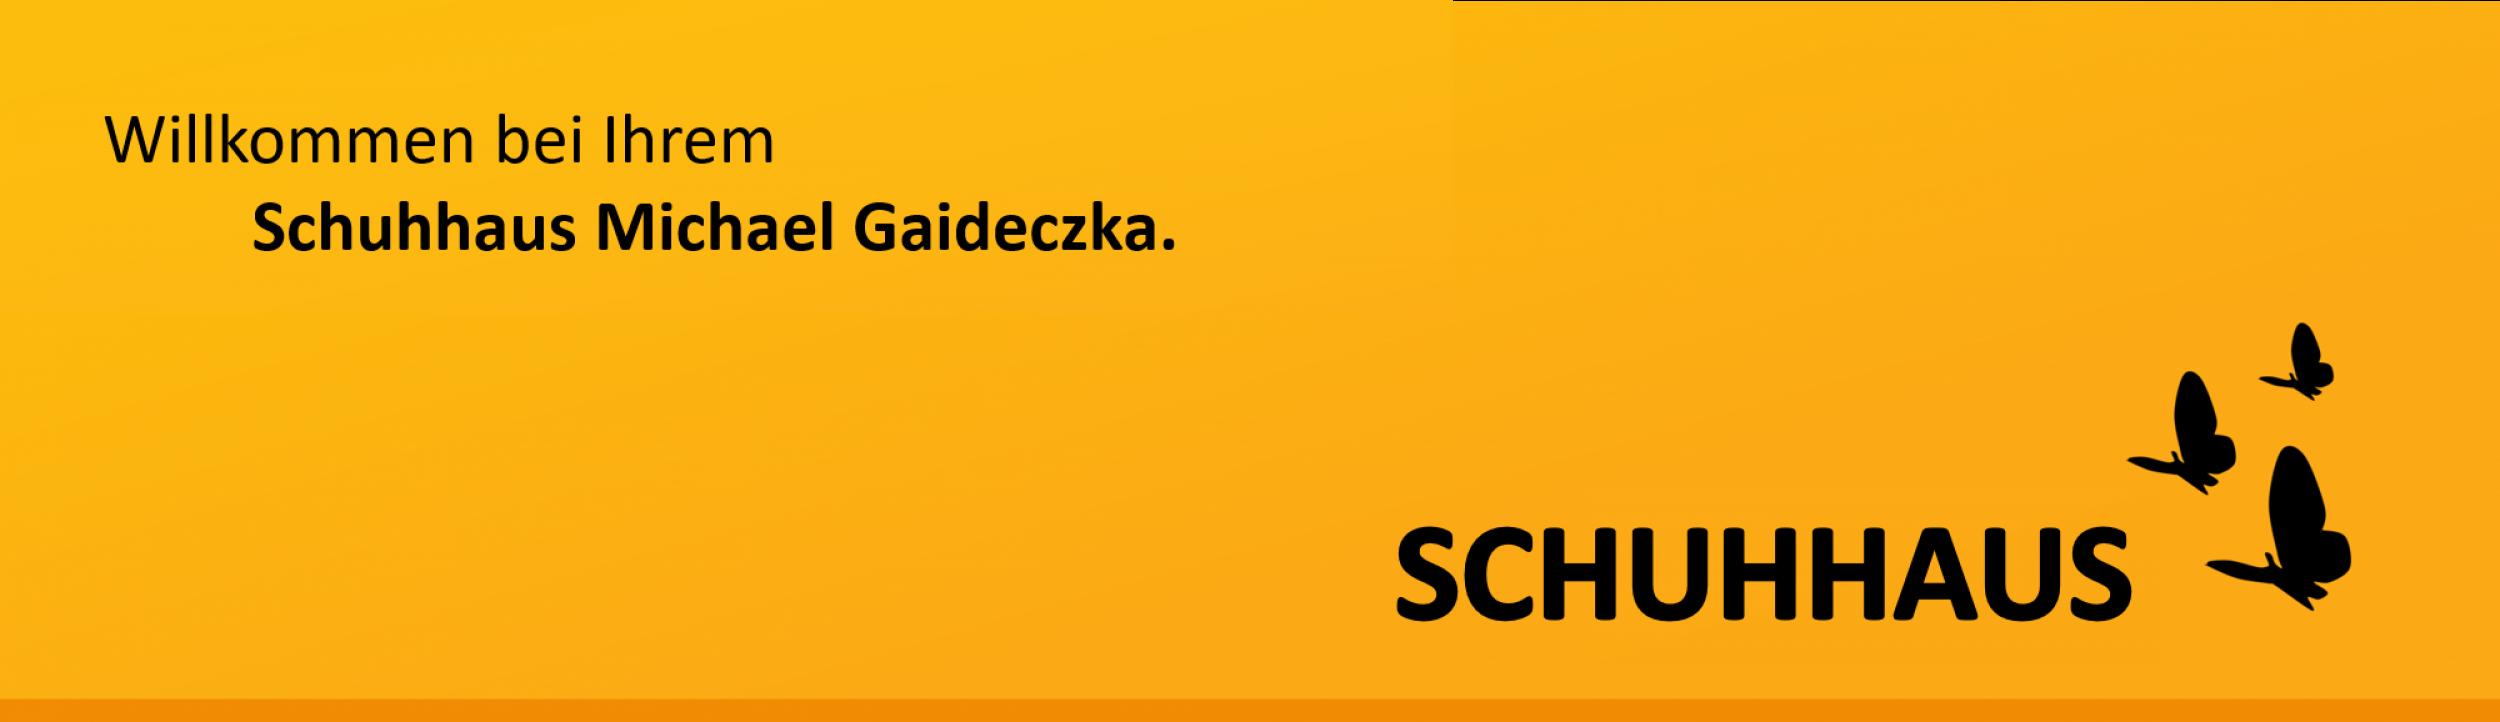 schuhhaus24.net – Schuhhaus Michael Gaideczka – Annaberg-Buchholz, Ehrenfriedersdorf, Gelenau, Thalheim, Radeberg